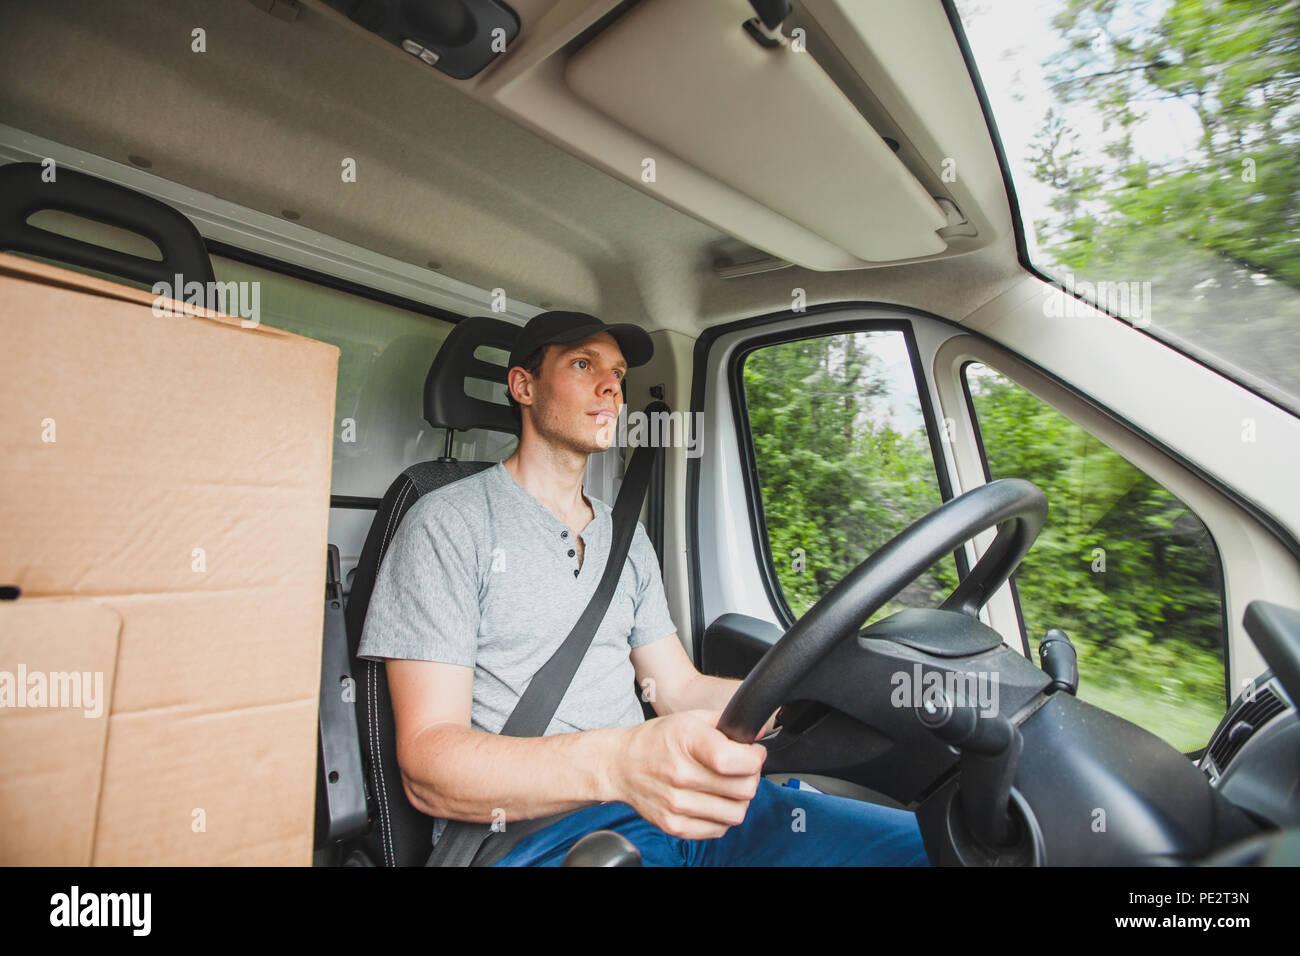 El hombre conductor de camión de conducción de vehículos automóviles, servicio de entrega de paquetes, el transporte de carga de trabajo de ocupación Imagen De Stock